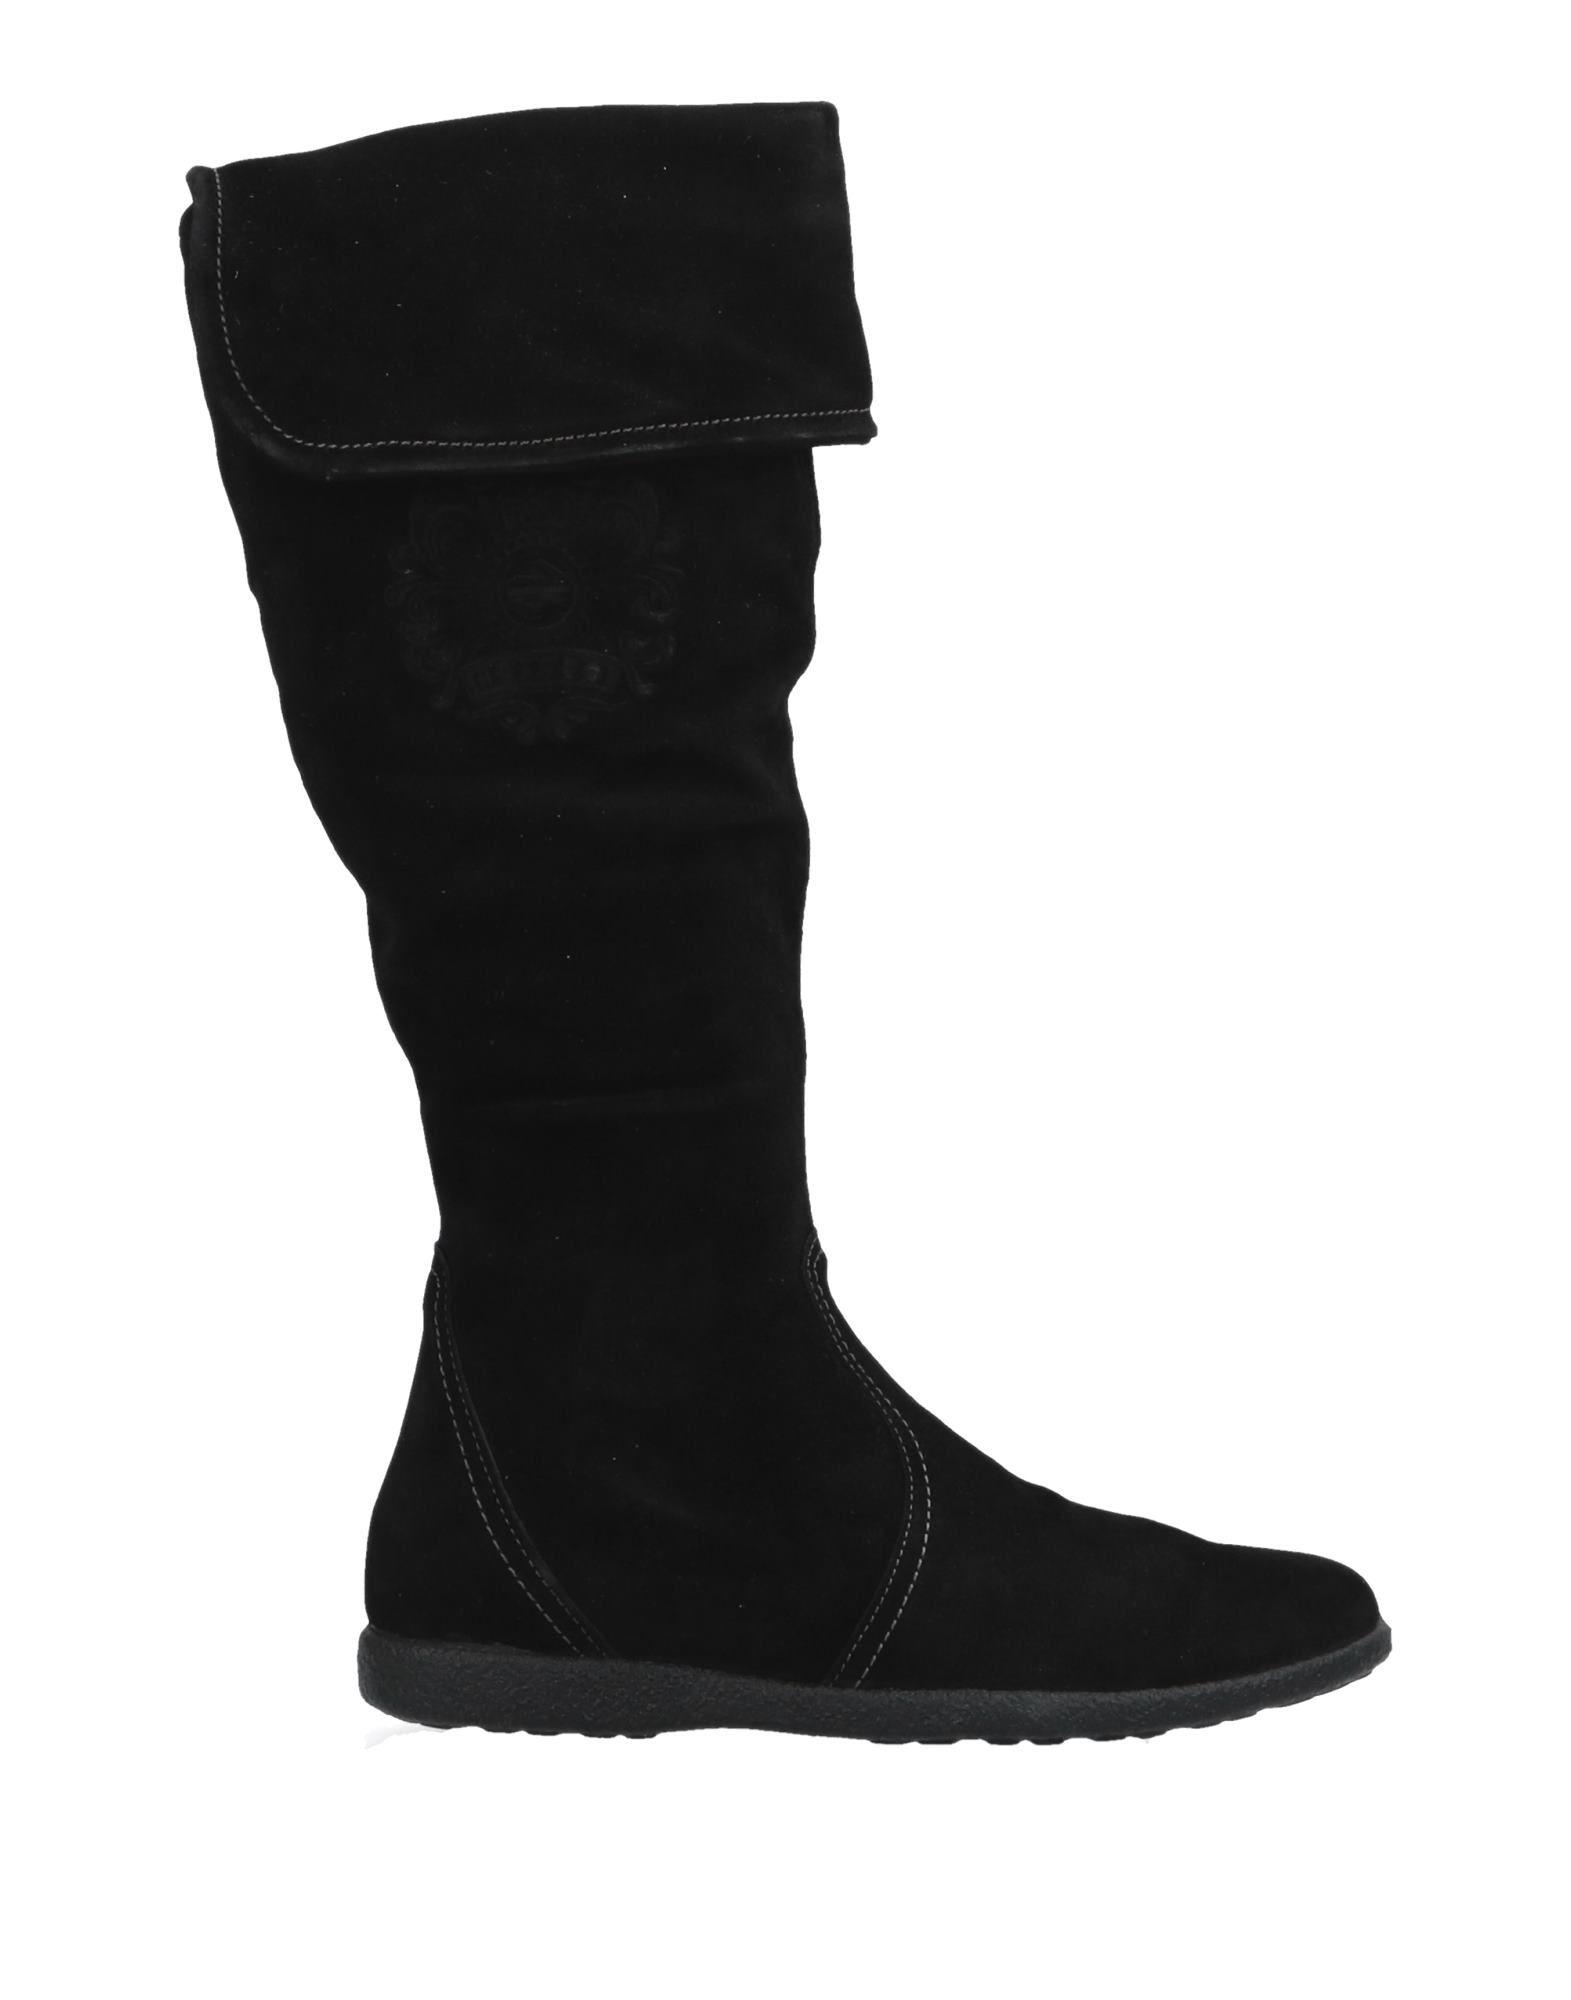 Igi&Co Stiefel Damen  11510997HK Gute Qualität beliebte Schuhe